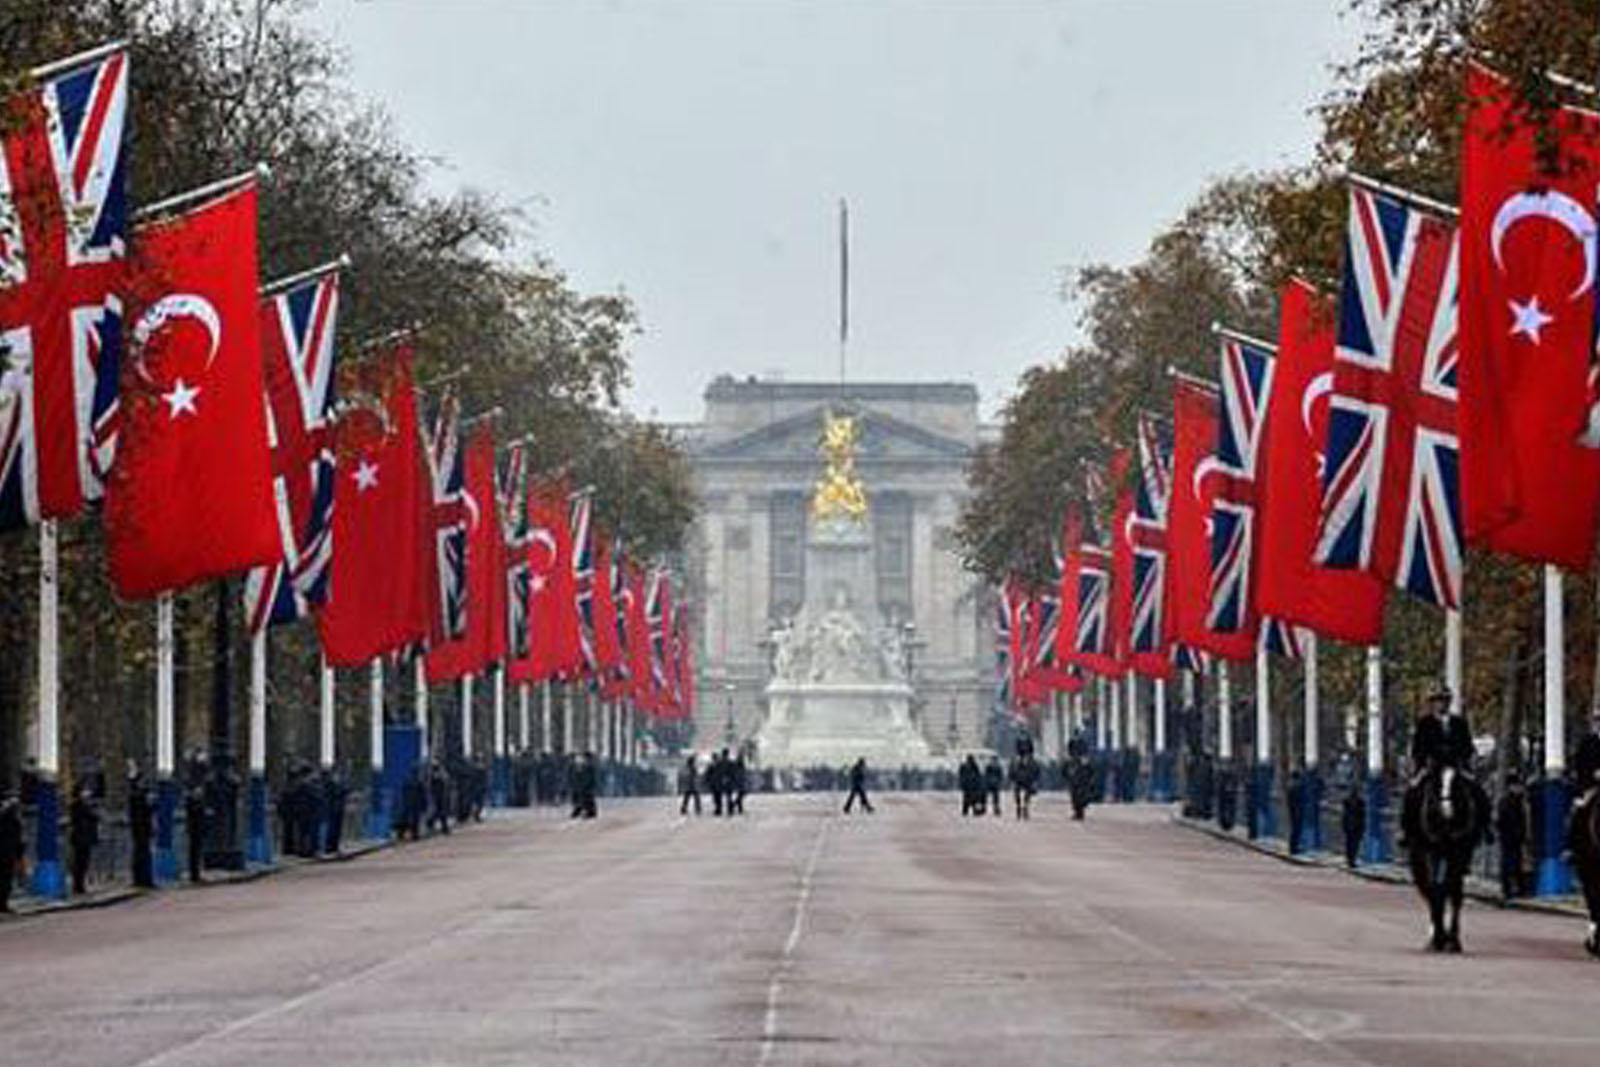 صورة بريطانيا وتركيا.. علاقات متينة تطرق أبواب التحالف الكبير